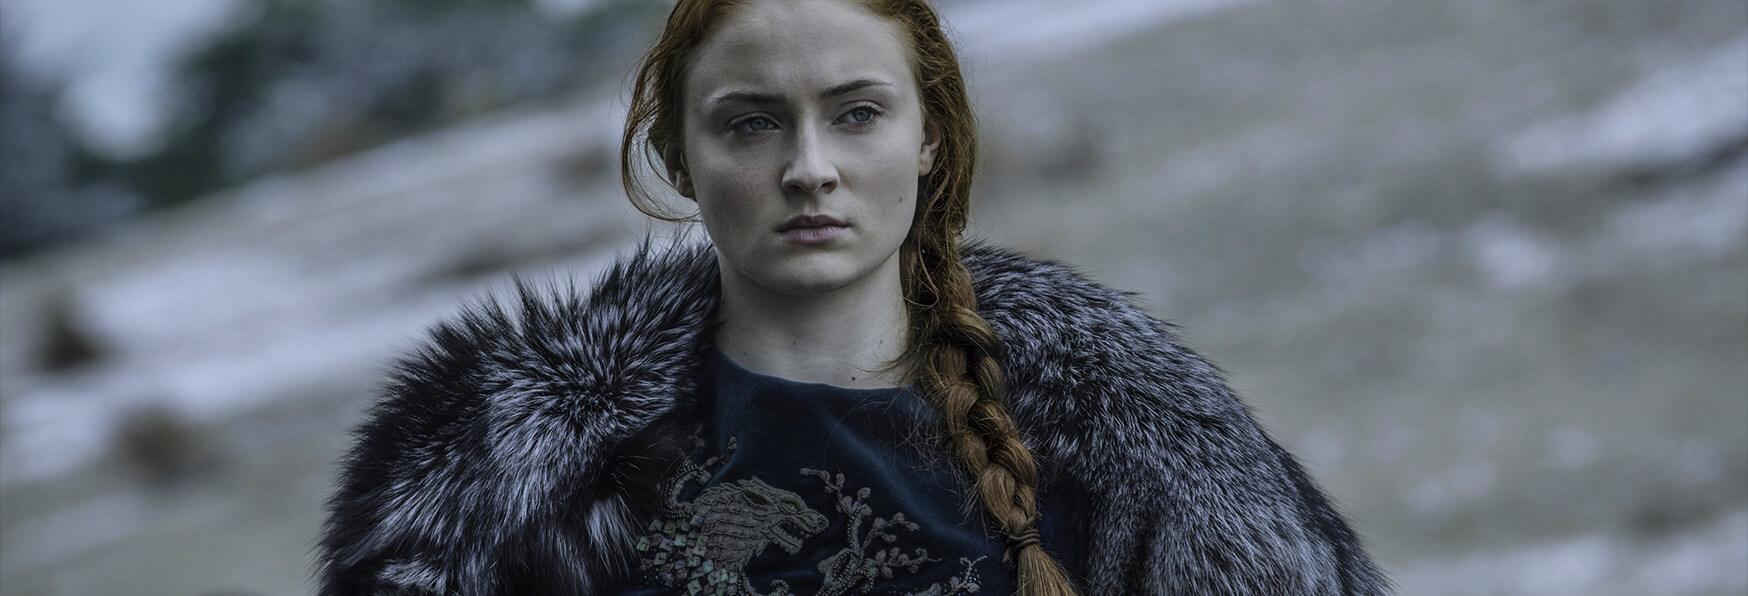 Secondo Sophie Turner il finale di Game of Thrones potrebbe deludere alcuni Fan